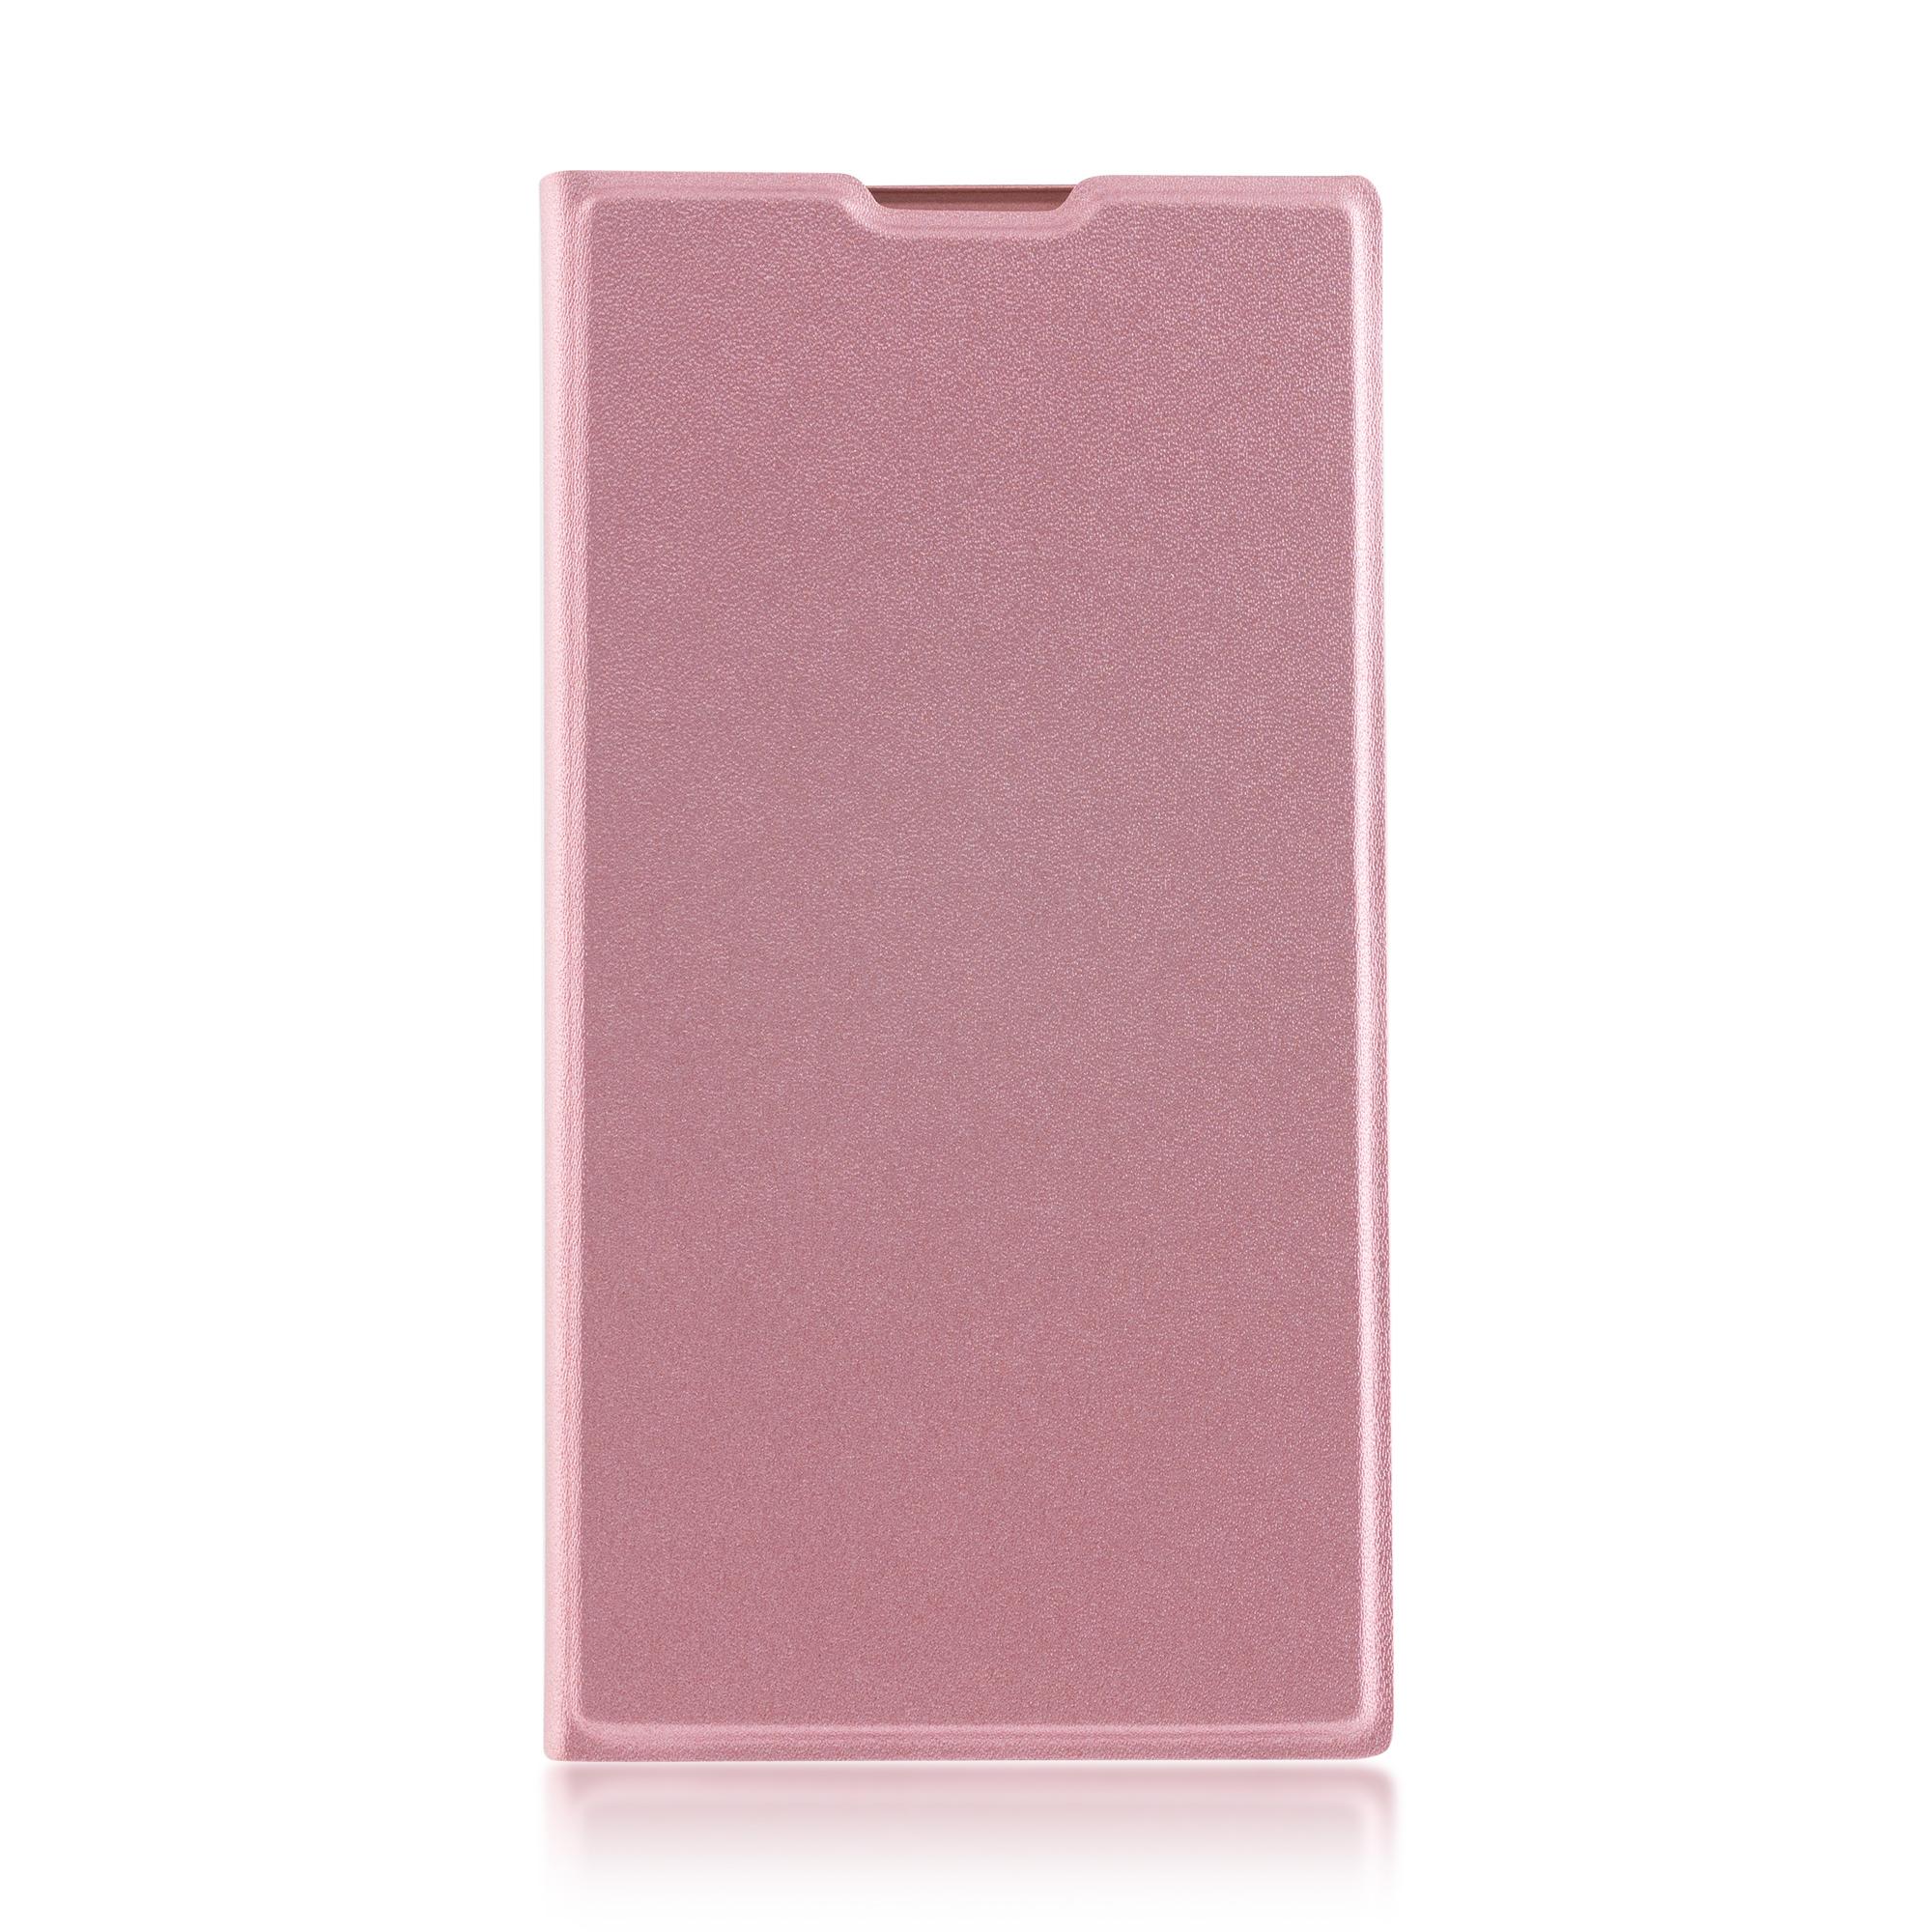 Чехол-книжка для Xperia L2 розового цвета в Sony Centre Воронеж